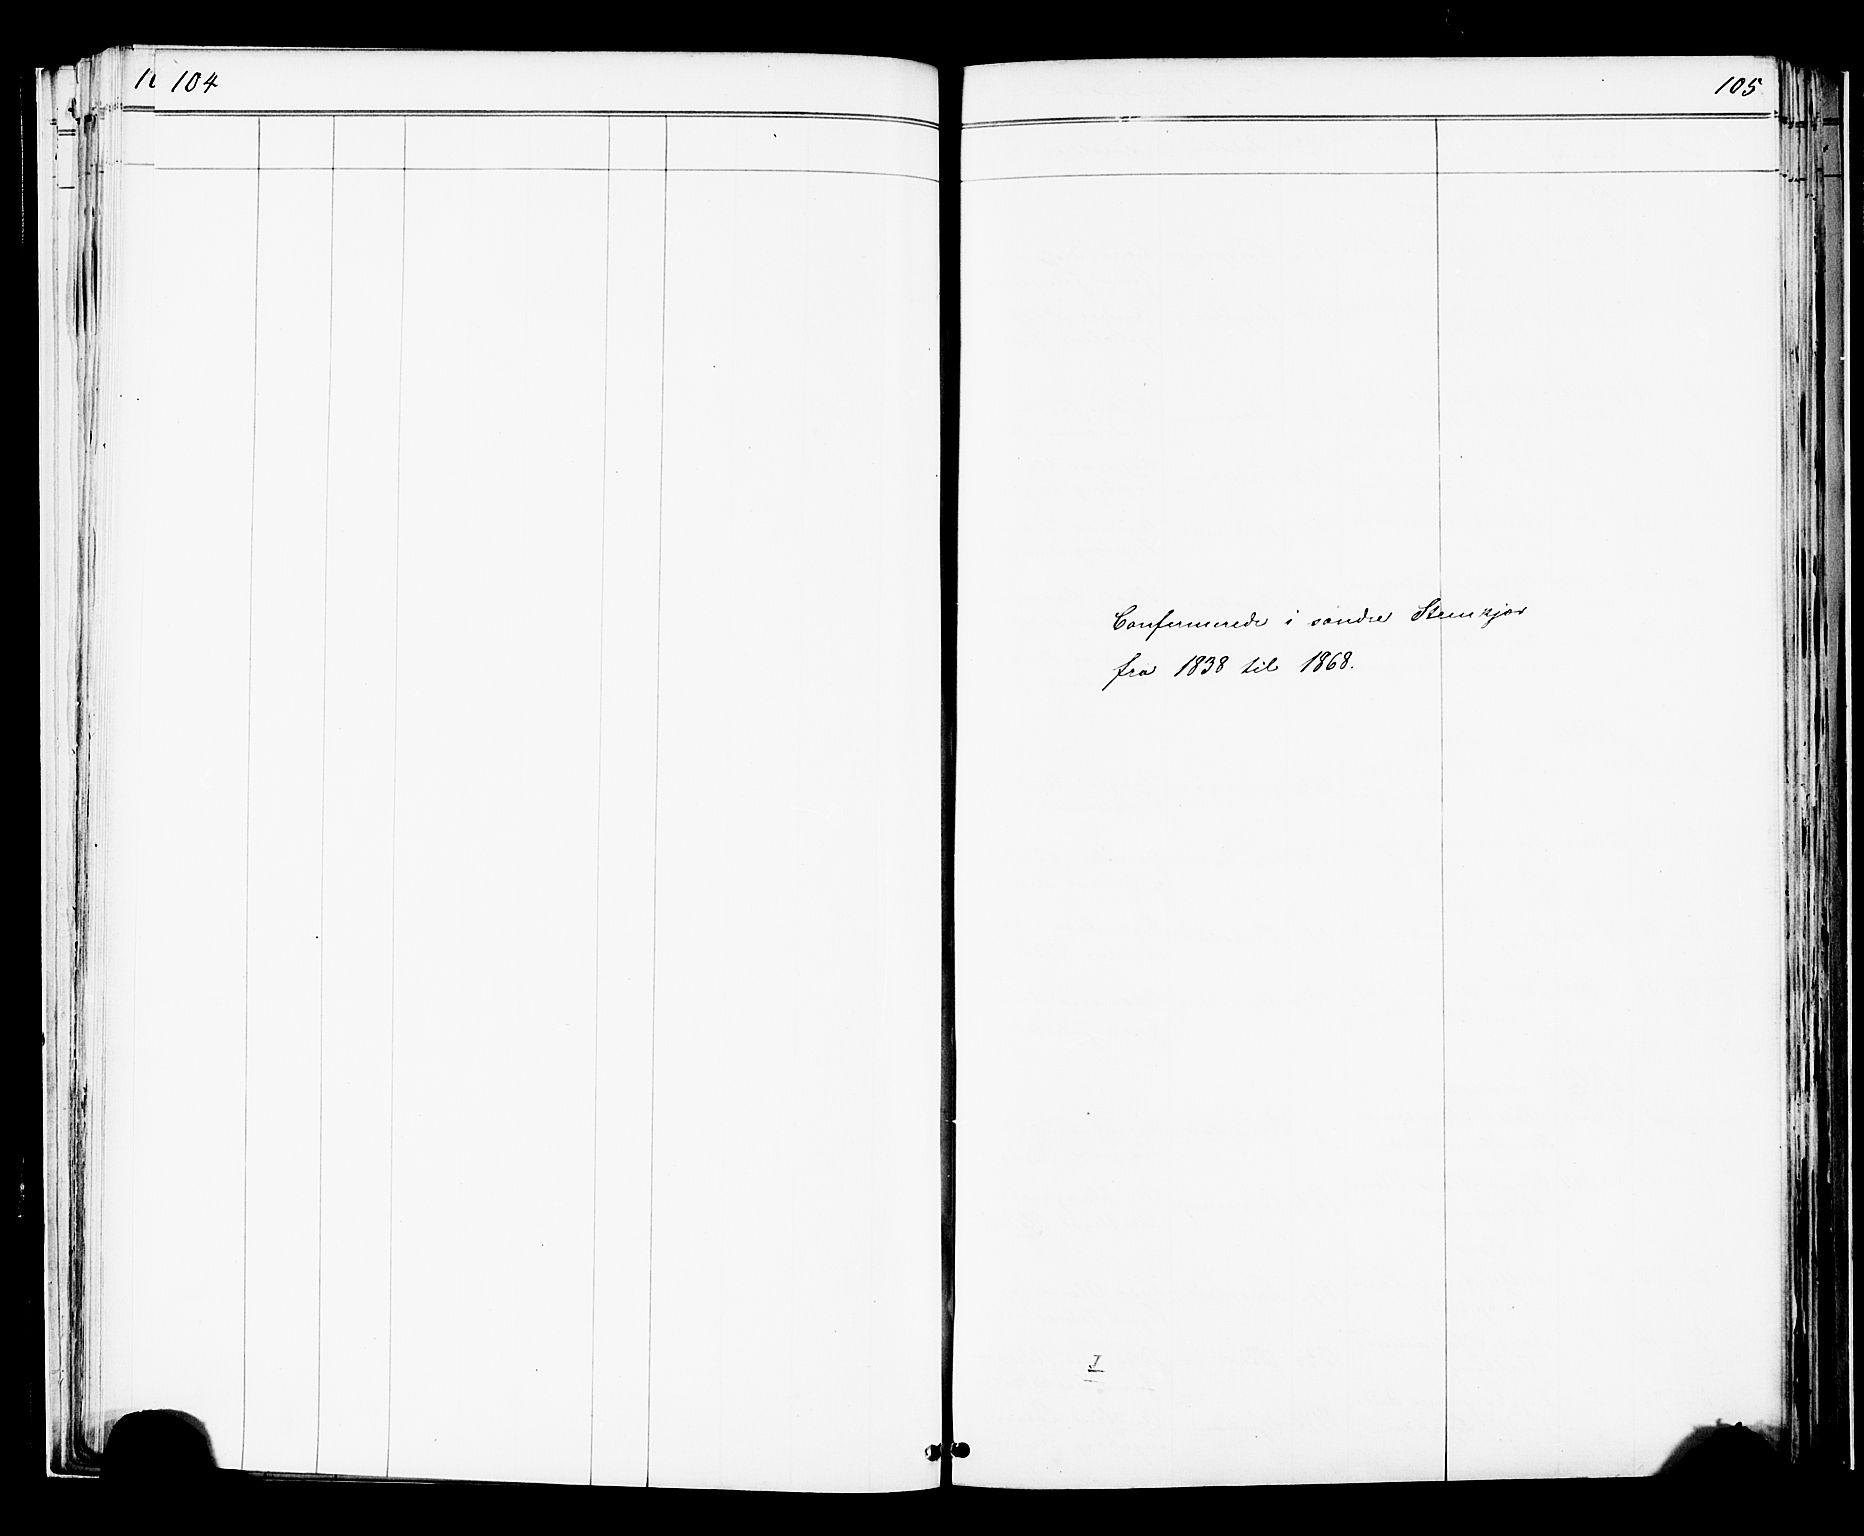 SAT, Ministerialprotokoller, klokkerbøker og fødselsregistre - Nord-Trøndelag, 739/L0367: Ministerialbok nr. 739A01 /1, 1838-1868, s. 104-105